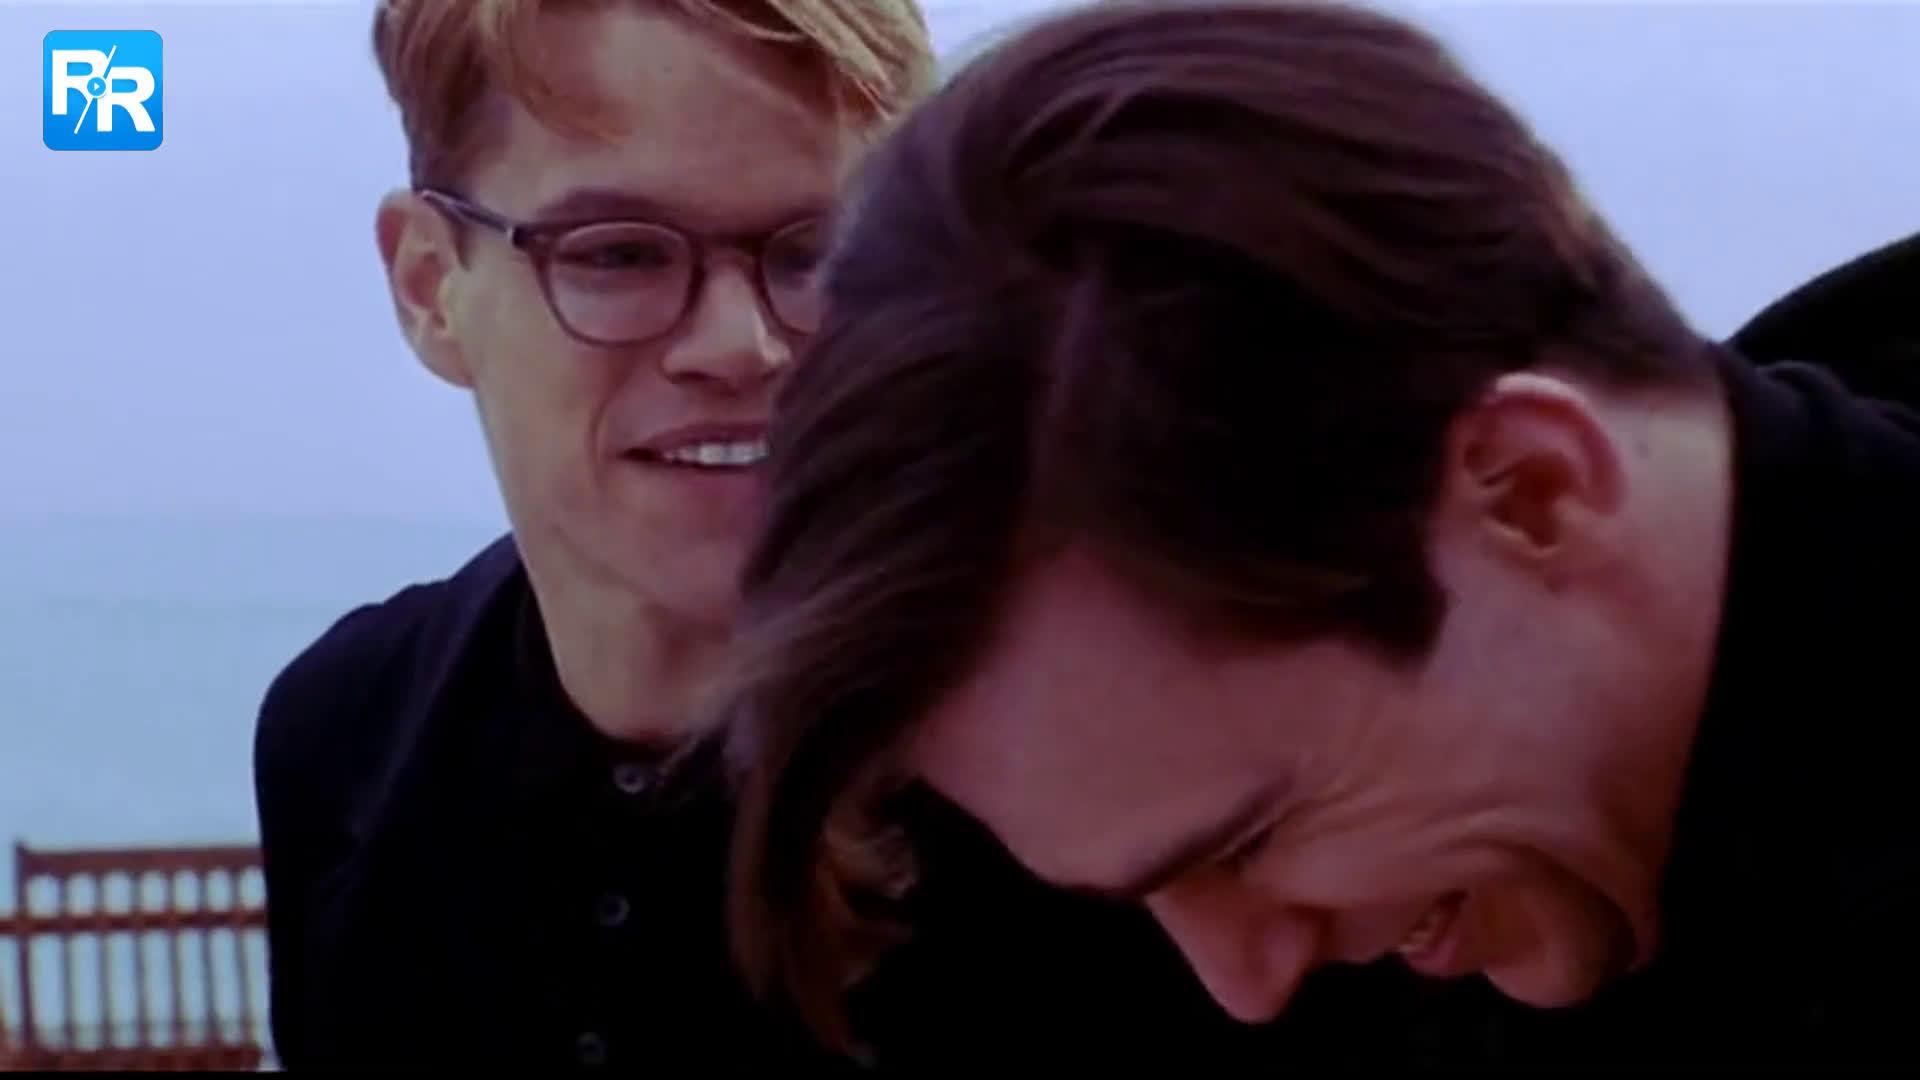 《致命女人》里深柜卡尔的扮演者杰克·达文波特年轻时这么帅!